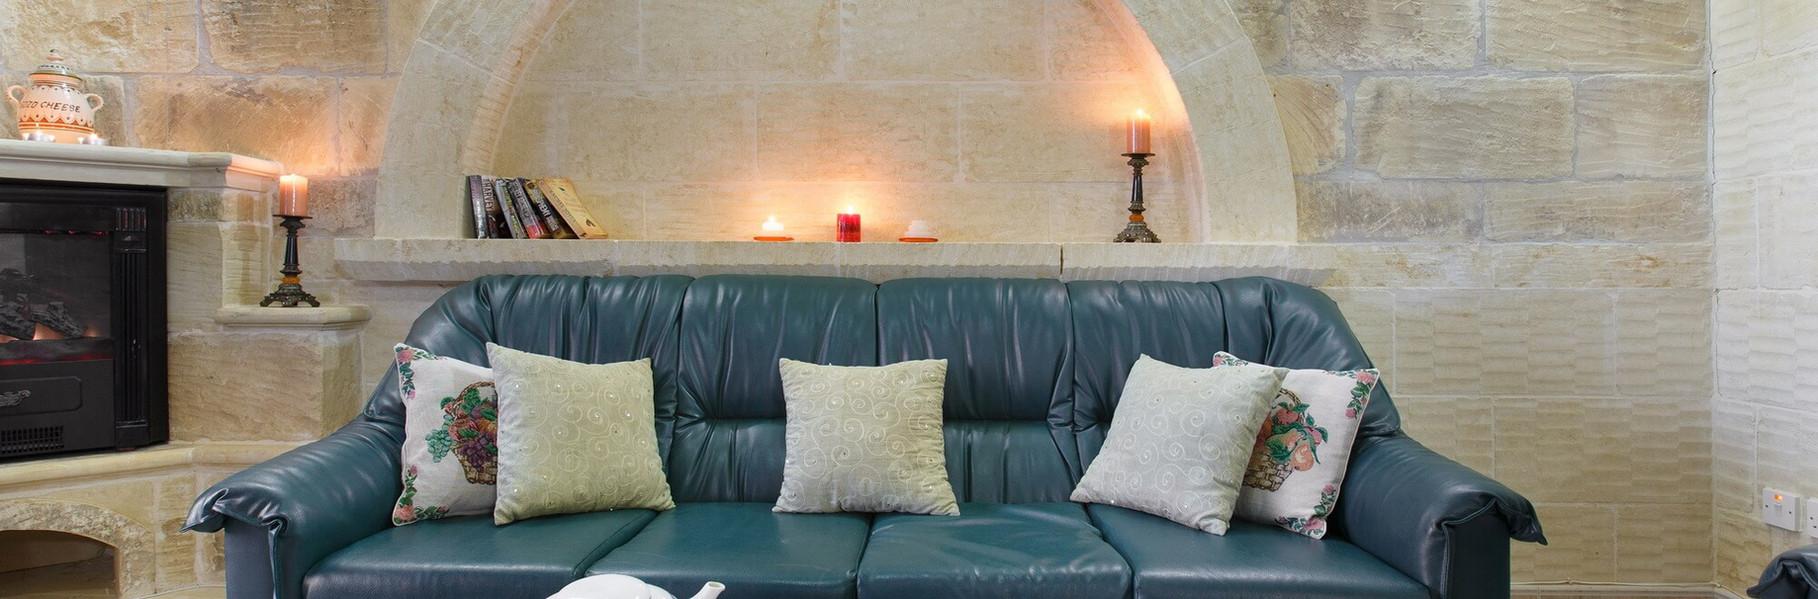 sofa-relax-3dor.jpg